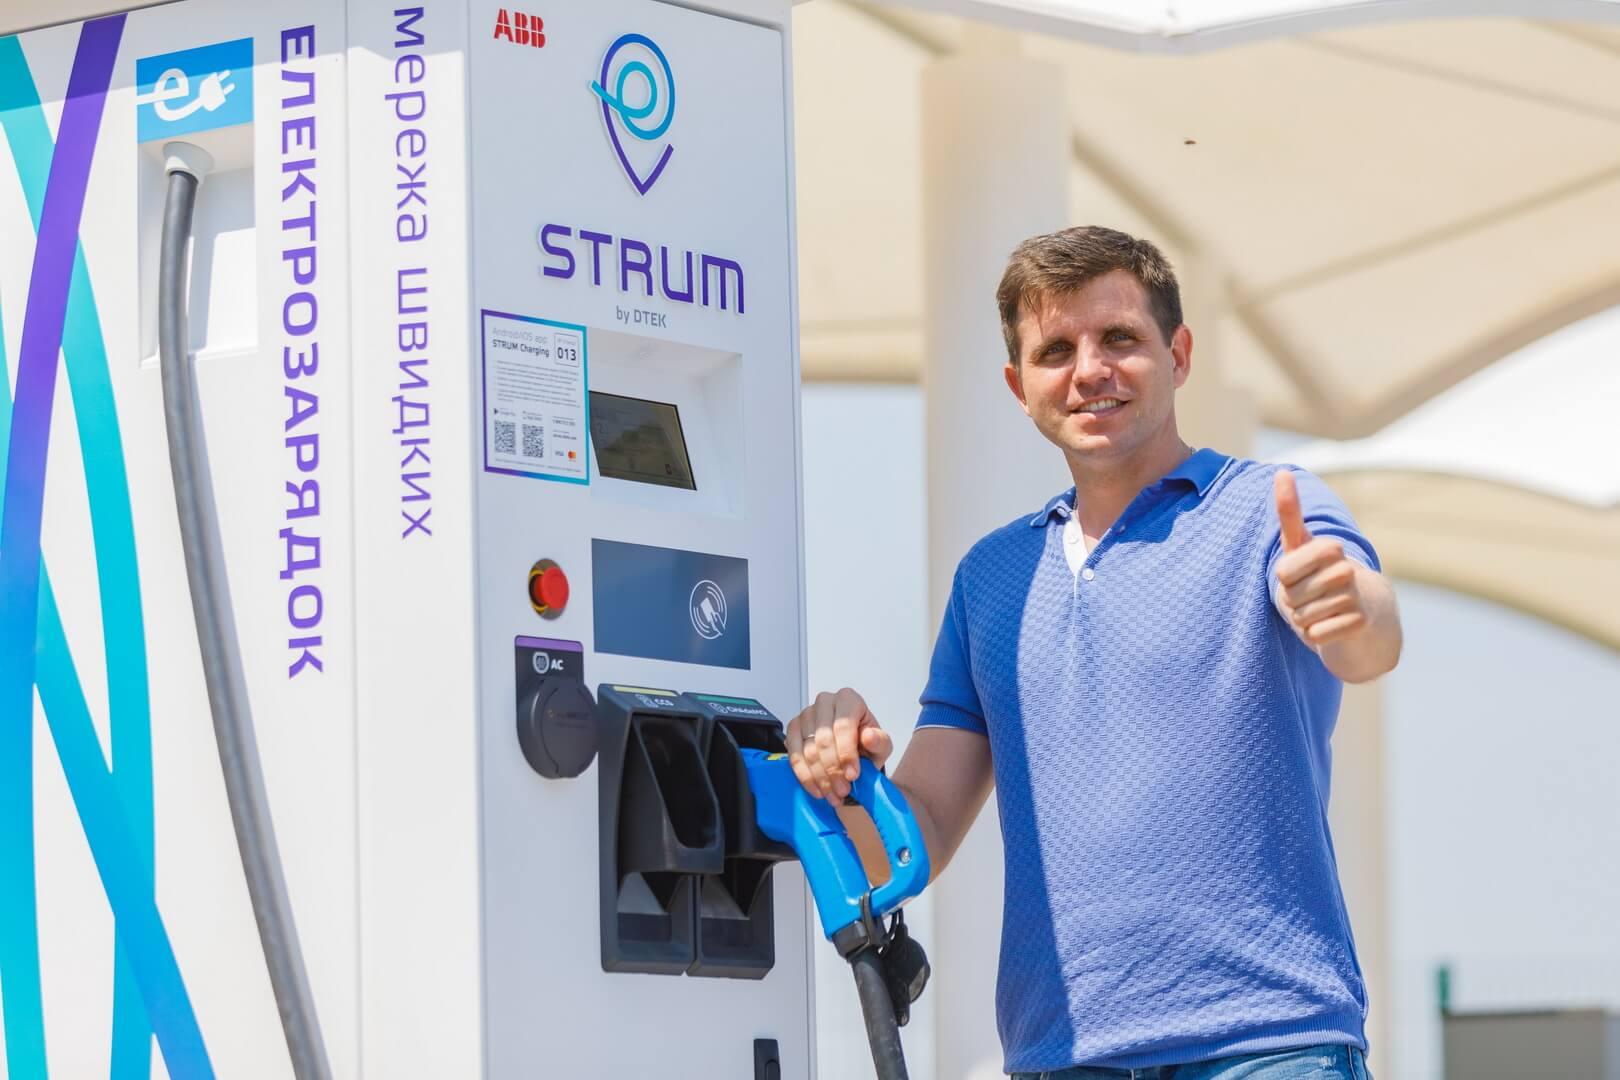 Руководитель сети быстрых зарядных станций STRUM Игорь Ковалев